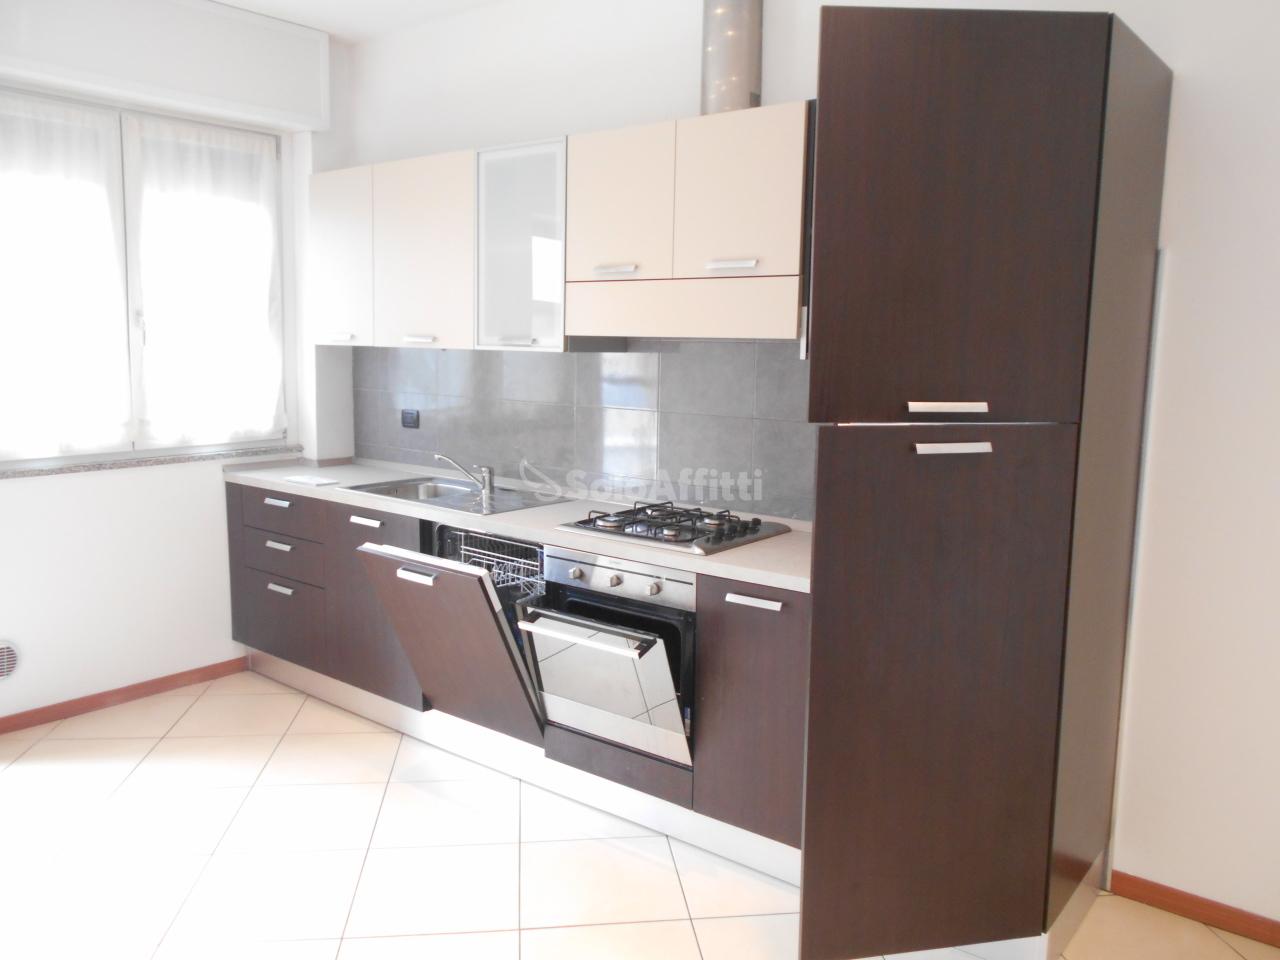 Appartamento in affitto a Mariano Comense, 2 locali, prezzo € 520   PortaleAgenzieImmobiliari.it